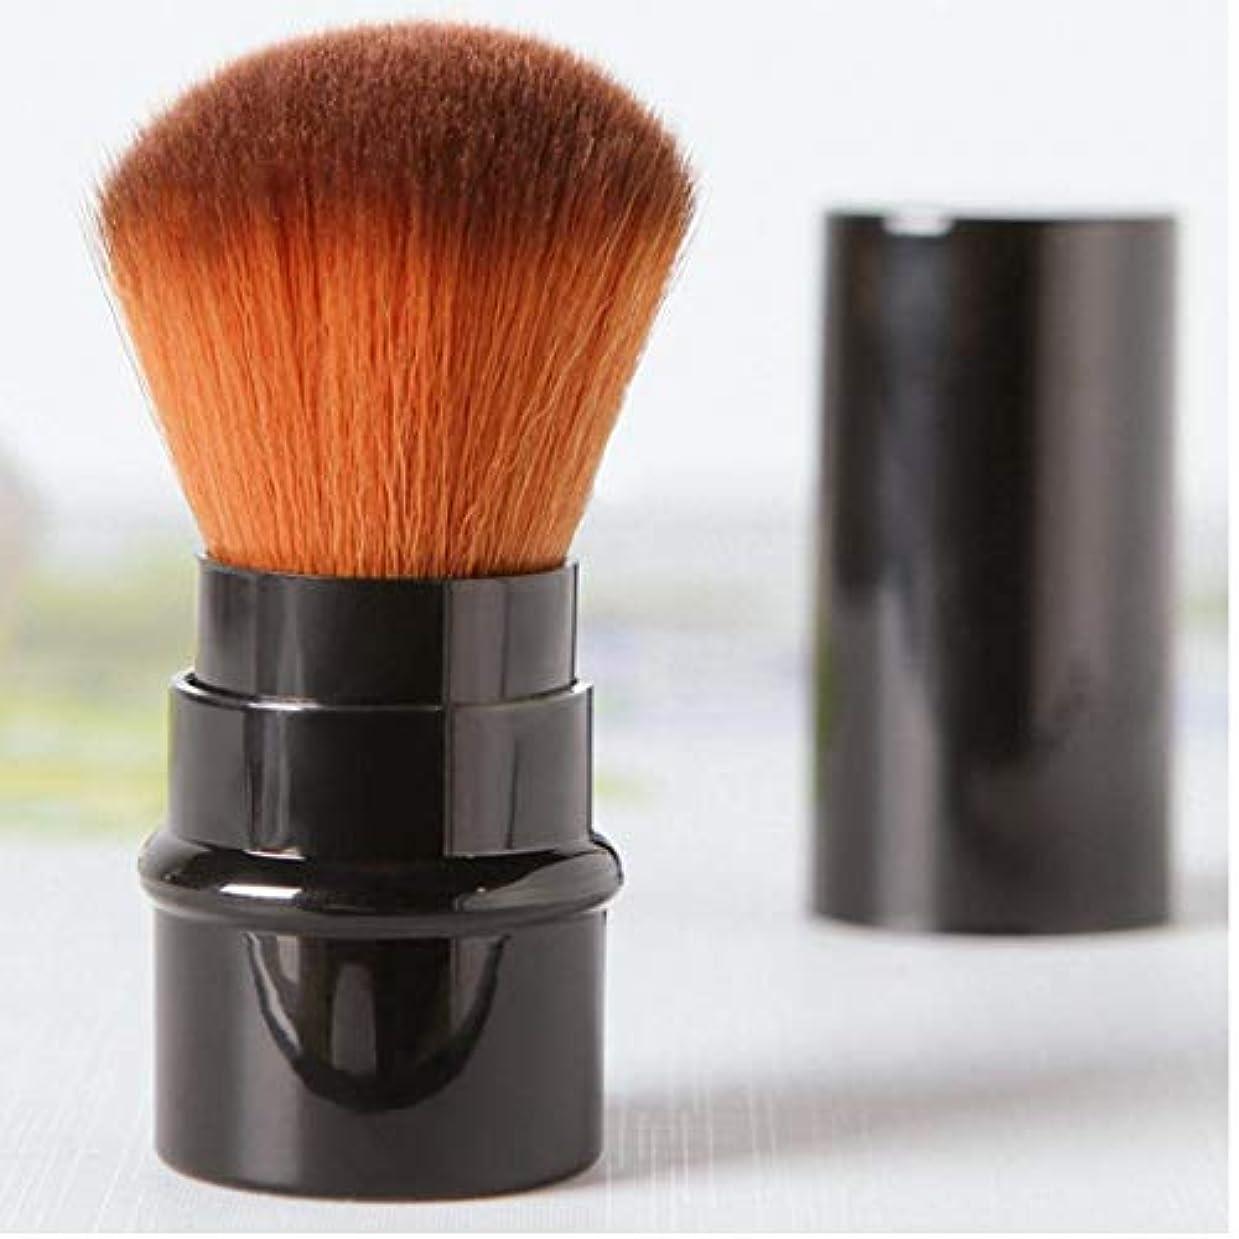 徹底みがきます創傷ブラッシュ、ブロンザー、蛍光ペン用ミニトラベルサイズマルチタスクメイクブラシ(包装色と取り扱い色が異なる場合があります)